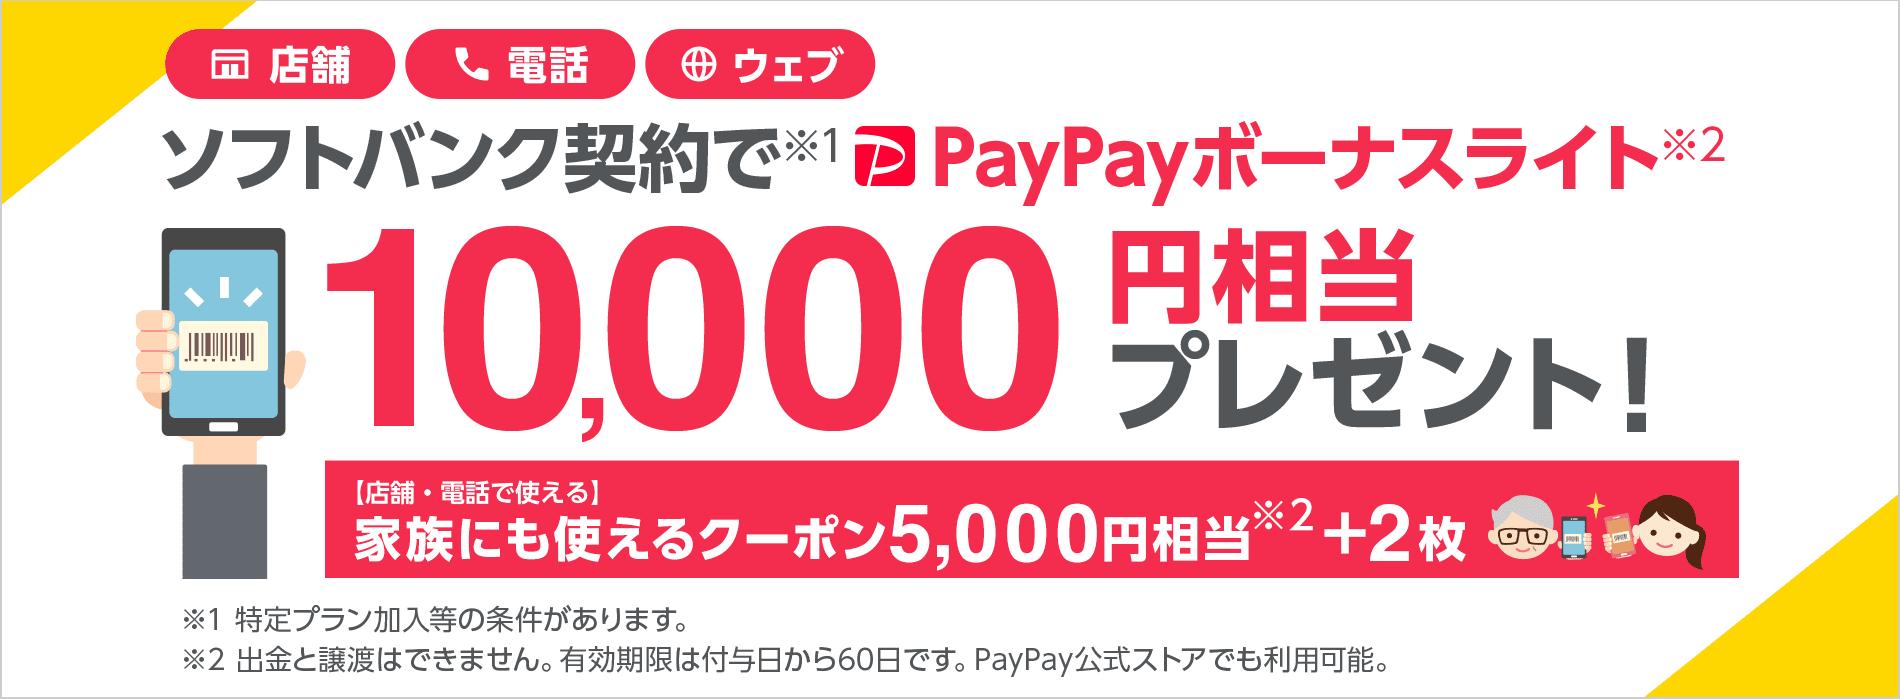 店舗・ウェブ・電話で使えるクーポン配布中 ソフトバンク契約で(※1)PayPayボーナスライト(※2)10,000円相当プレゼント! さらに【店舗・電話で使える】家族にも使えるクーポン5,000円相当(※2)+2枚※1特定プラン加入等の条件があります。※2出金と譲渡はできません。有効期限は付与日から60日です。PayPay公式ストアでも利用可能。